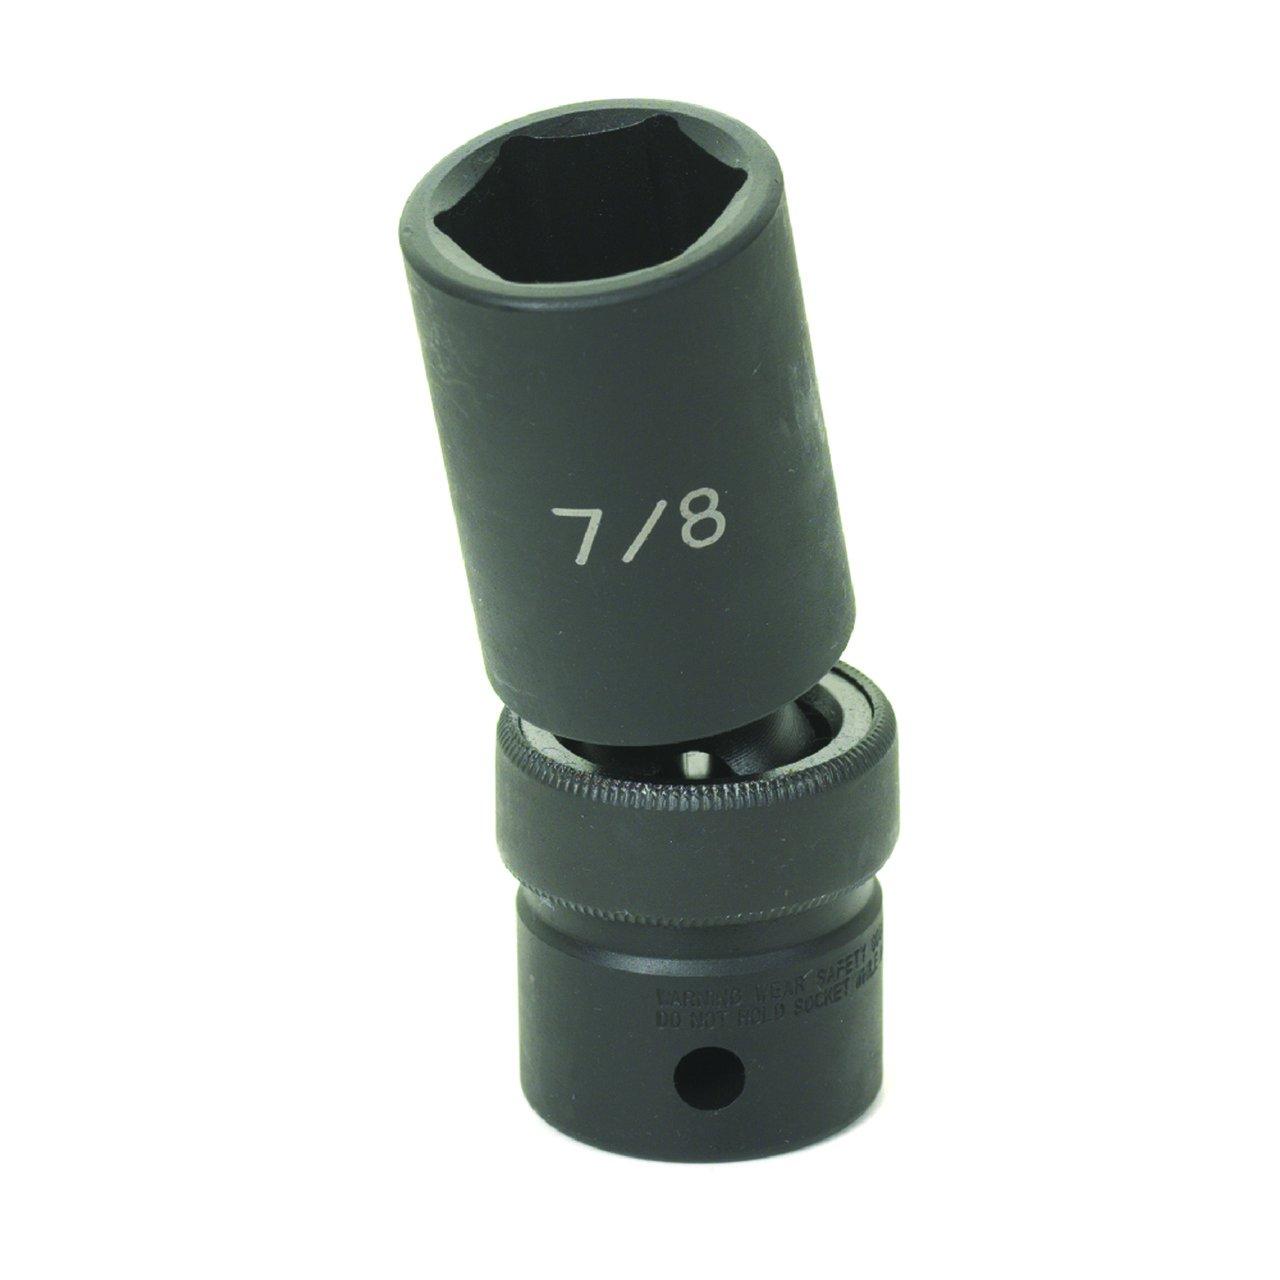 グレー空気圧ソケット 2024TP B007QV2FUO 3/4インチ E.T.W. ホイール/ナットプロテクター